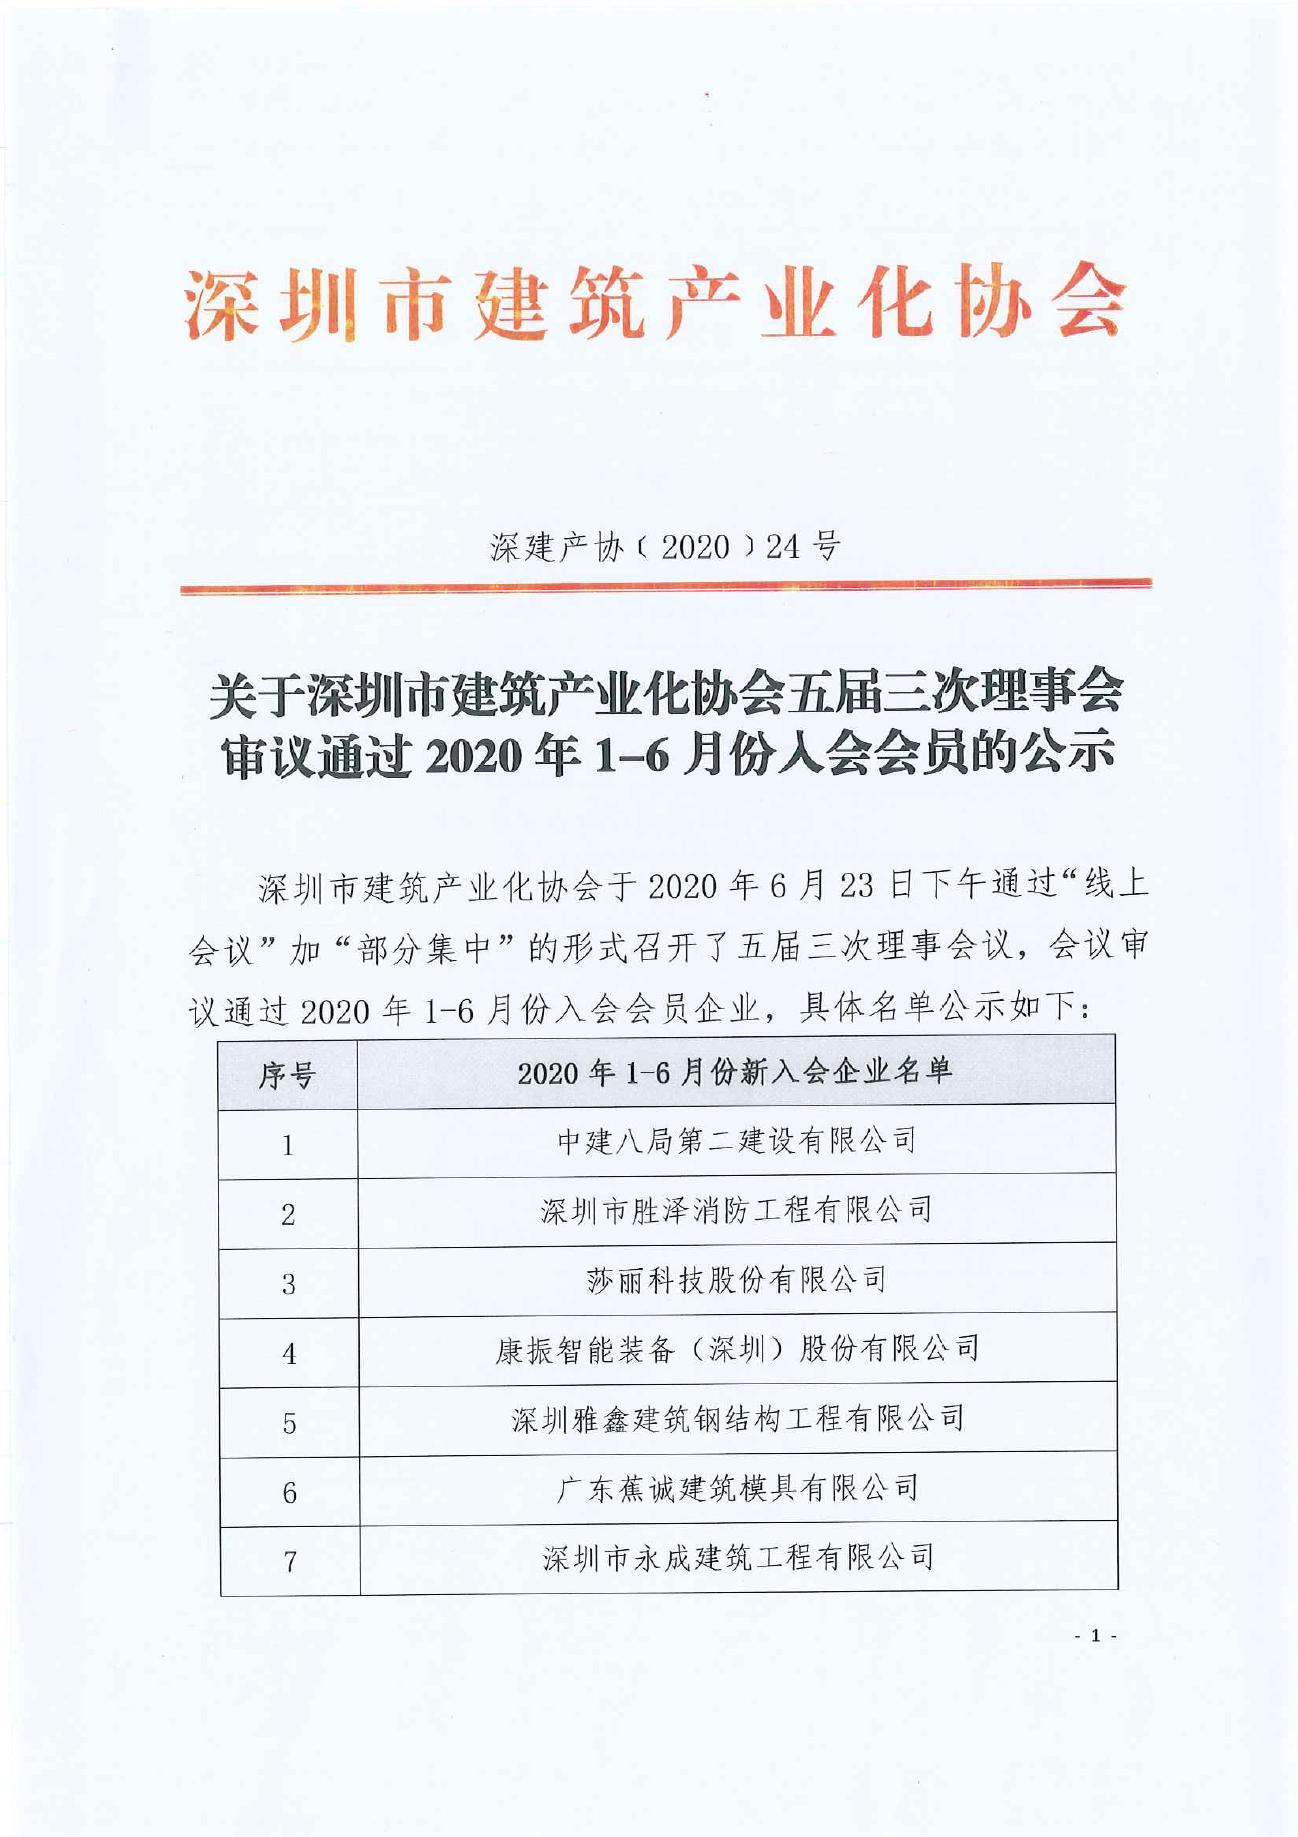 关于深圳市建筑产业化协会五届三次理事会审议通过2020年1-6月份入会会员的公示